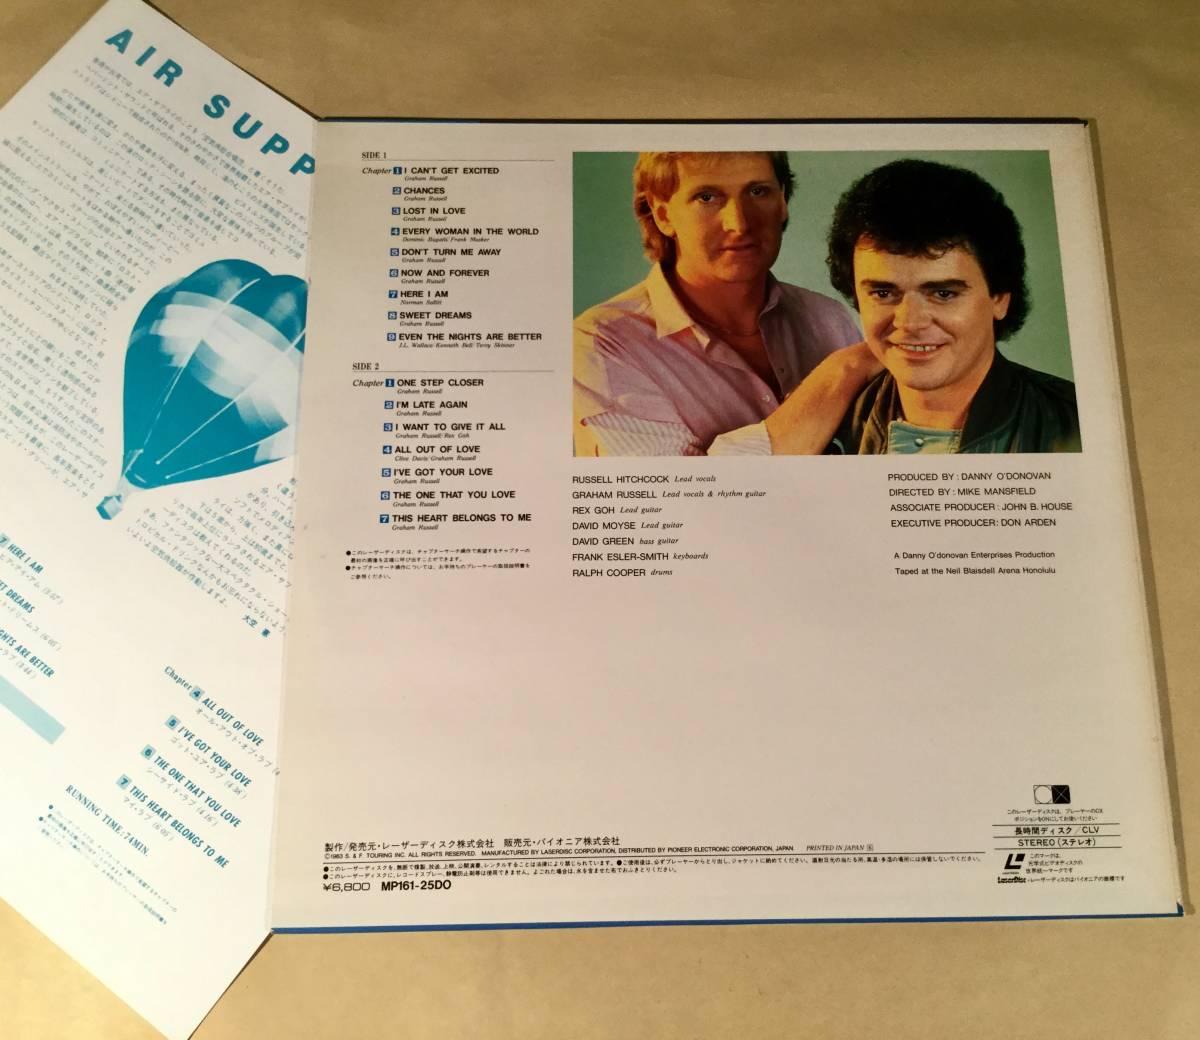 LD(レーザー)■エア・サプライ/イン・ハワイ~1982年コンサート■美品!_画像2